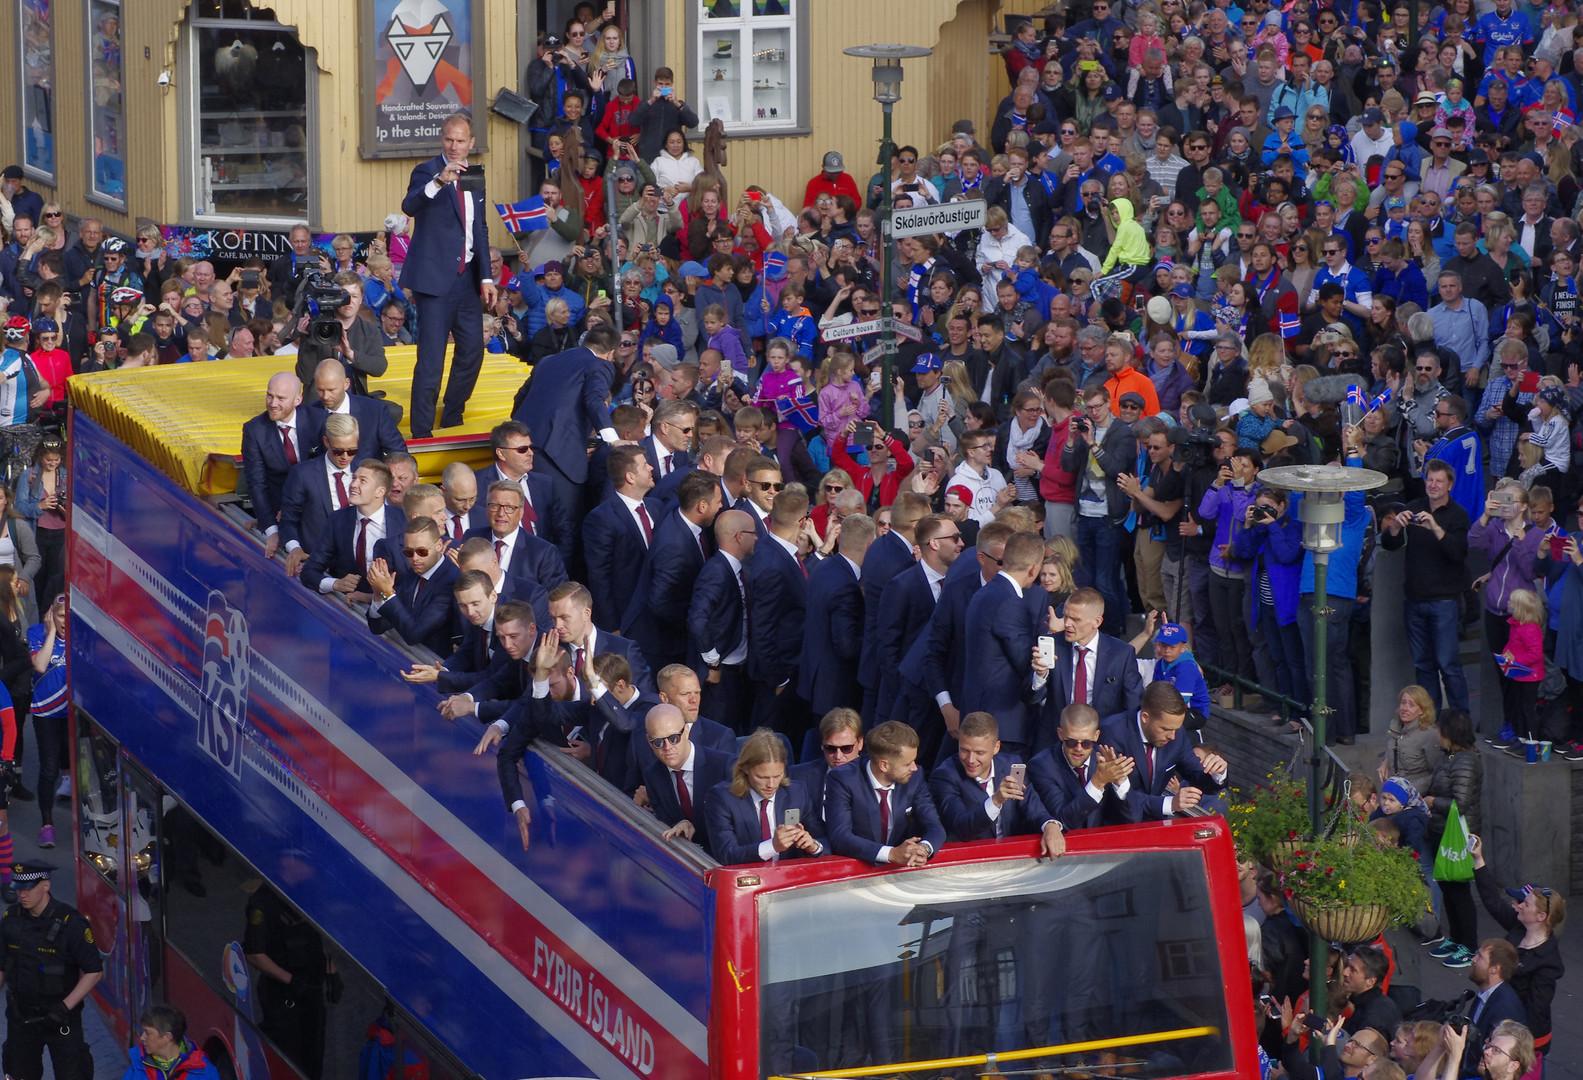 Сборная Исландии по футболу едет по центру Рейкьявика.